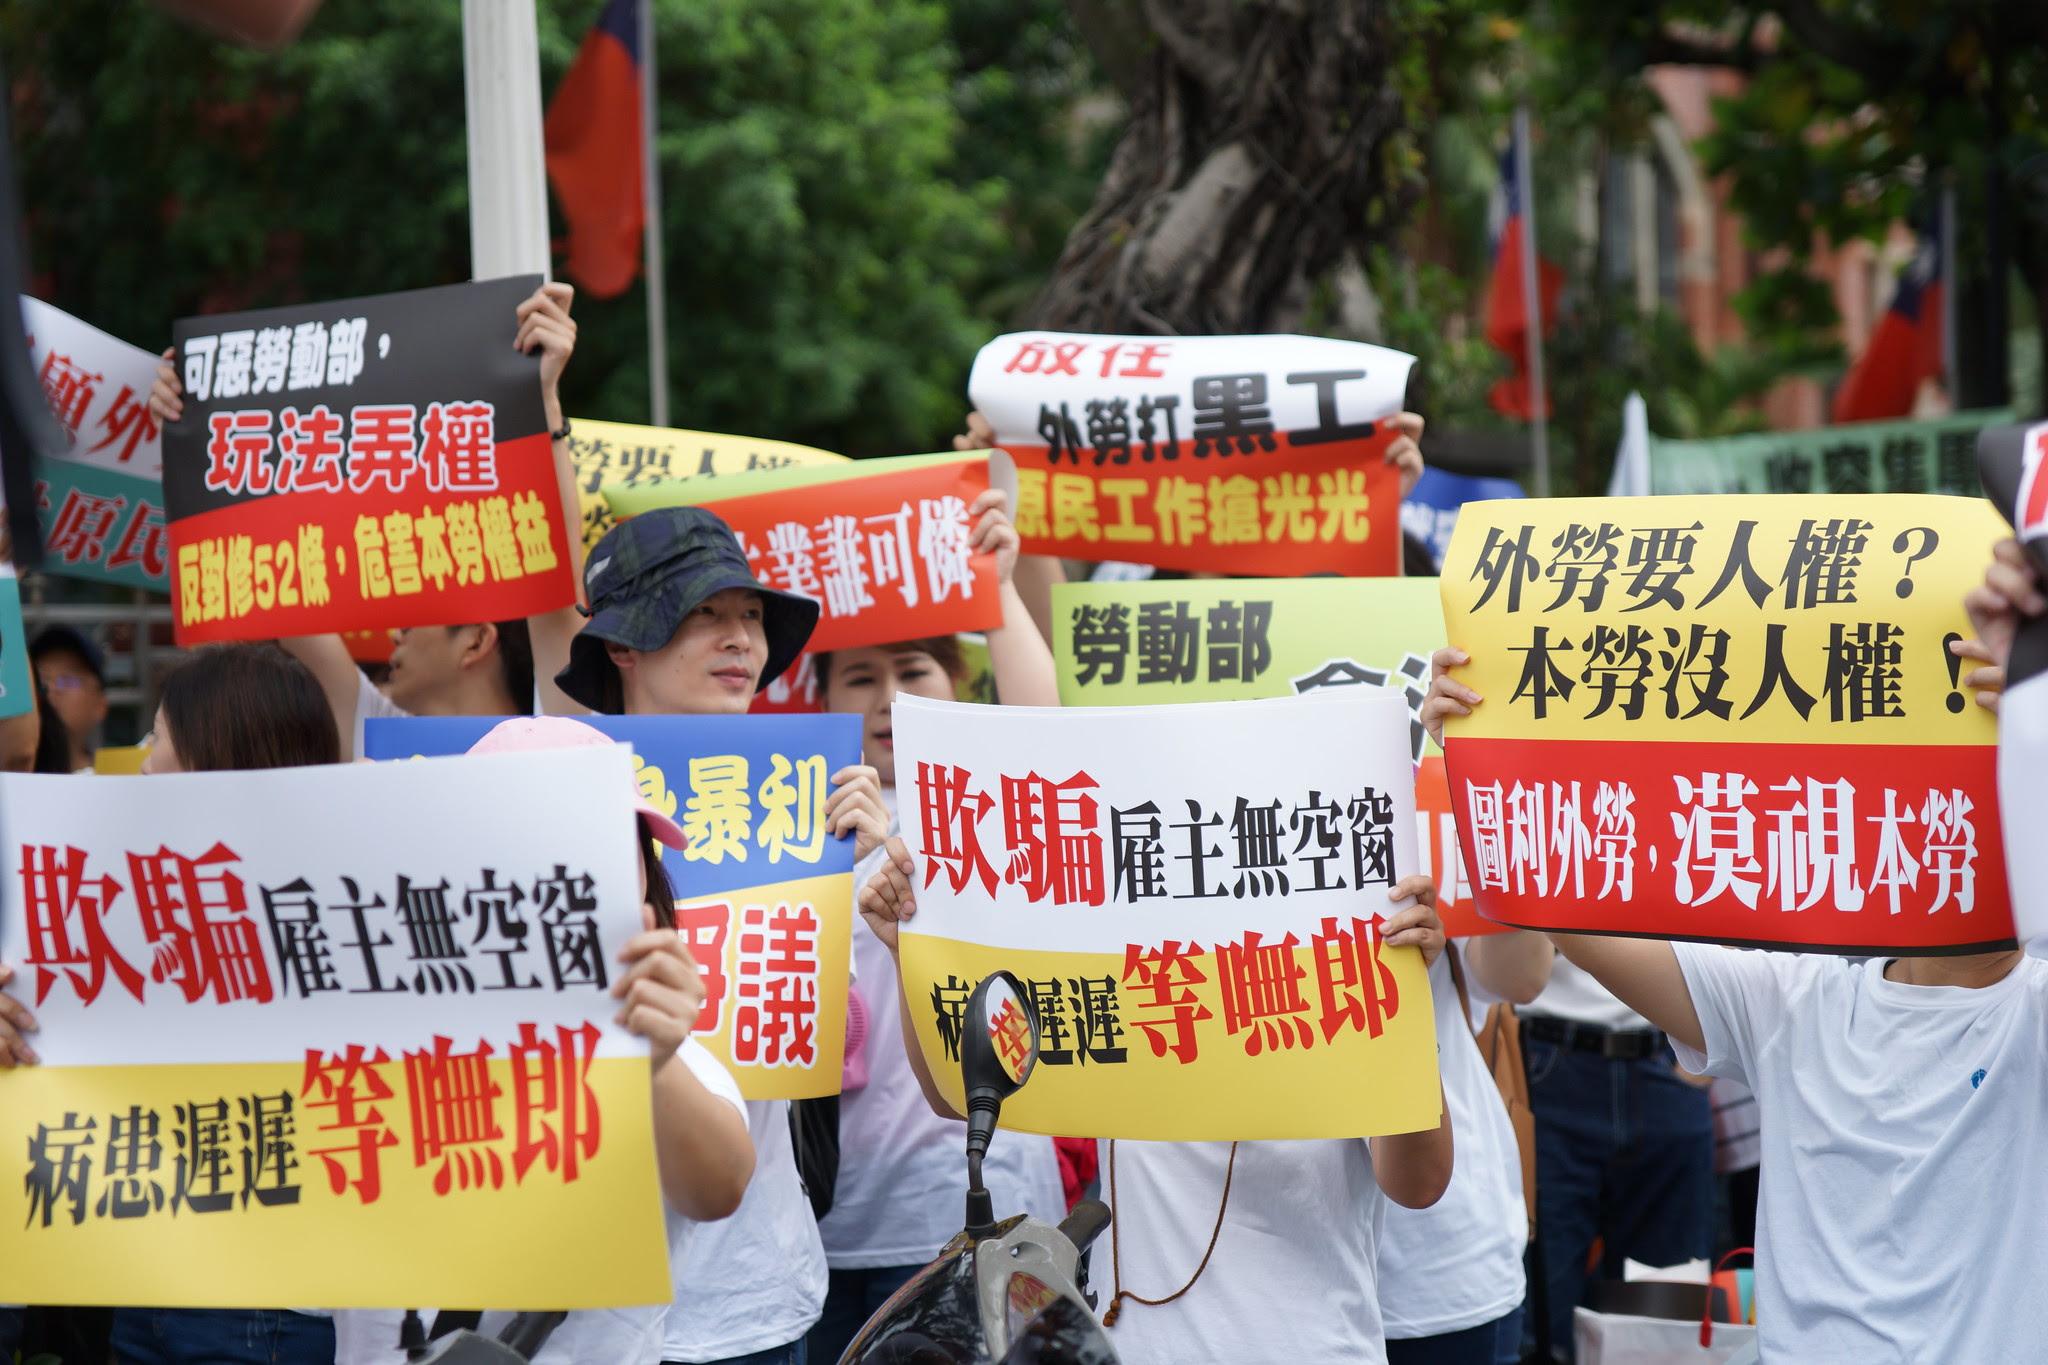 仲介團體也大動員,指控修法是「圖利外勞」、「賣台」。(攝影:王顥中)